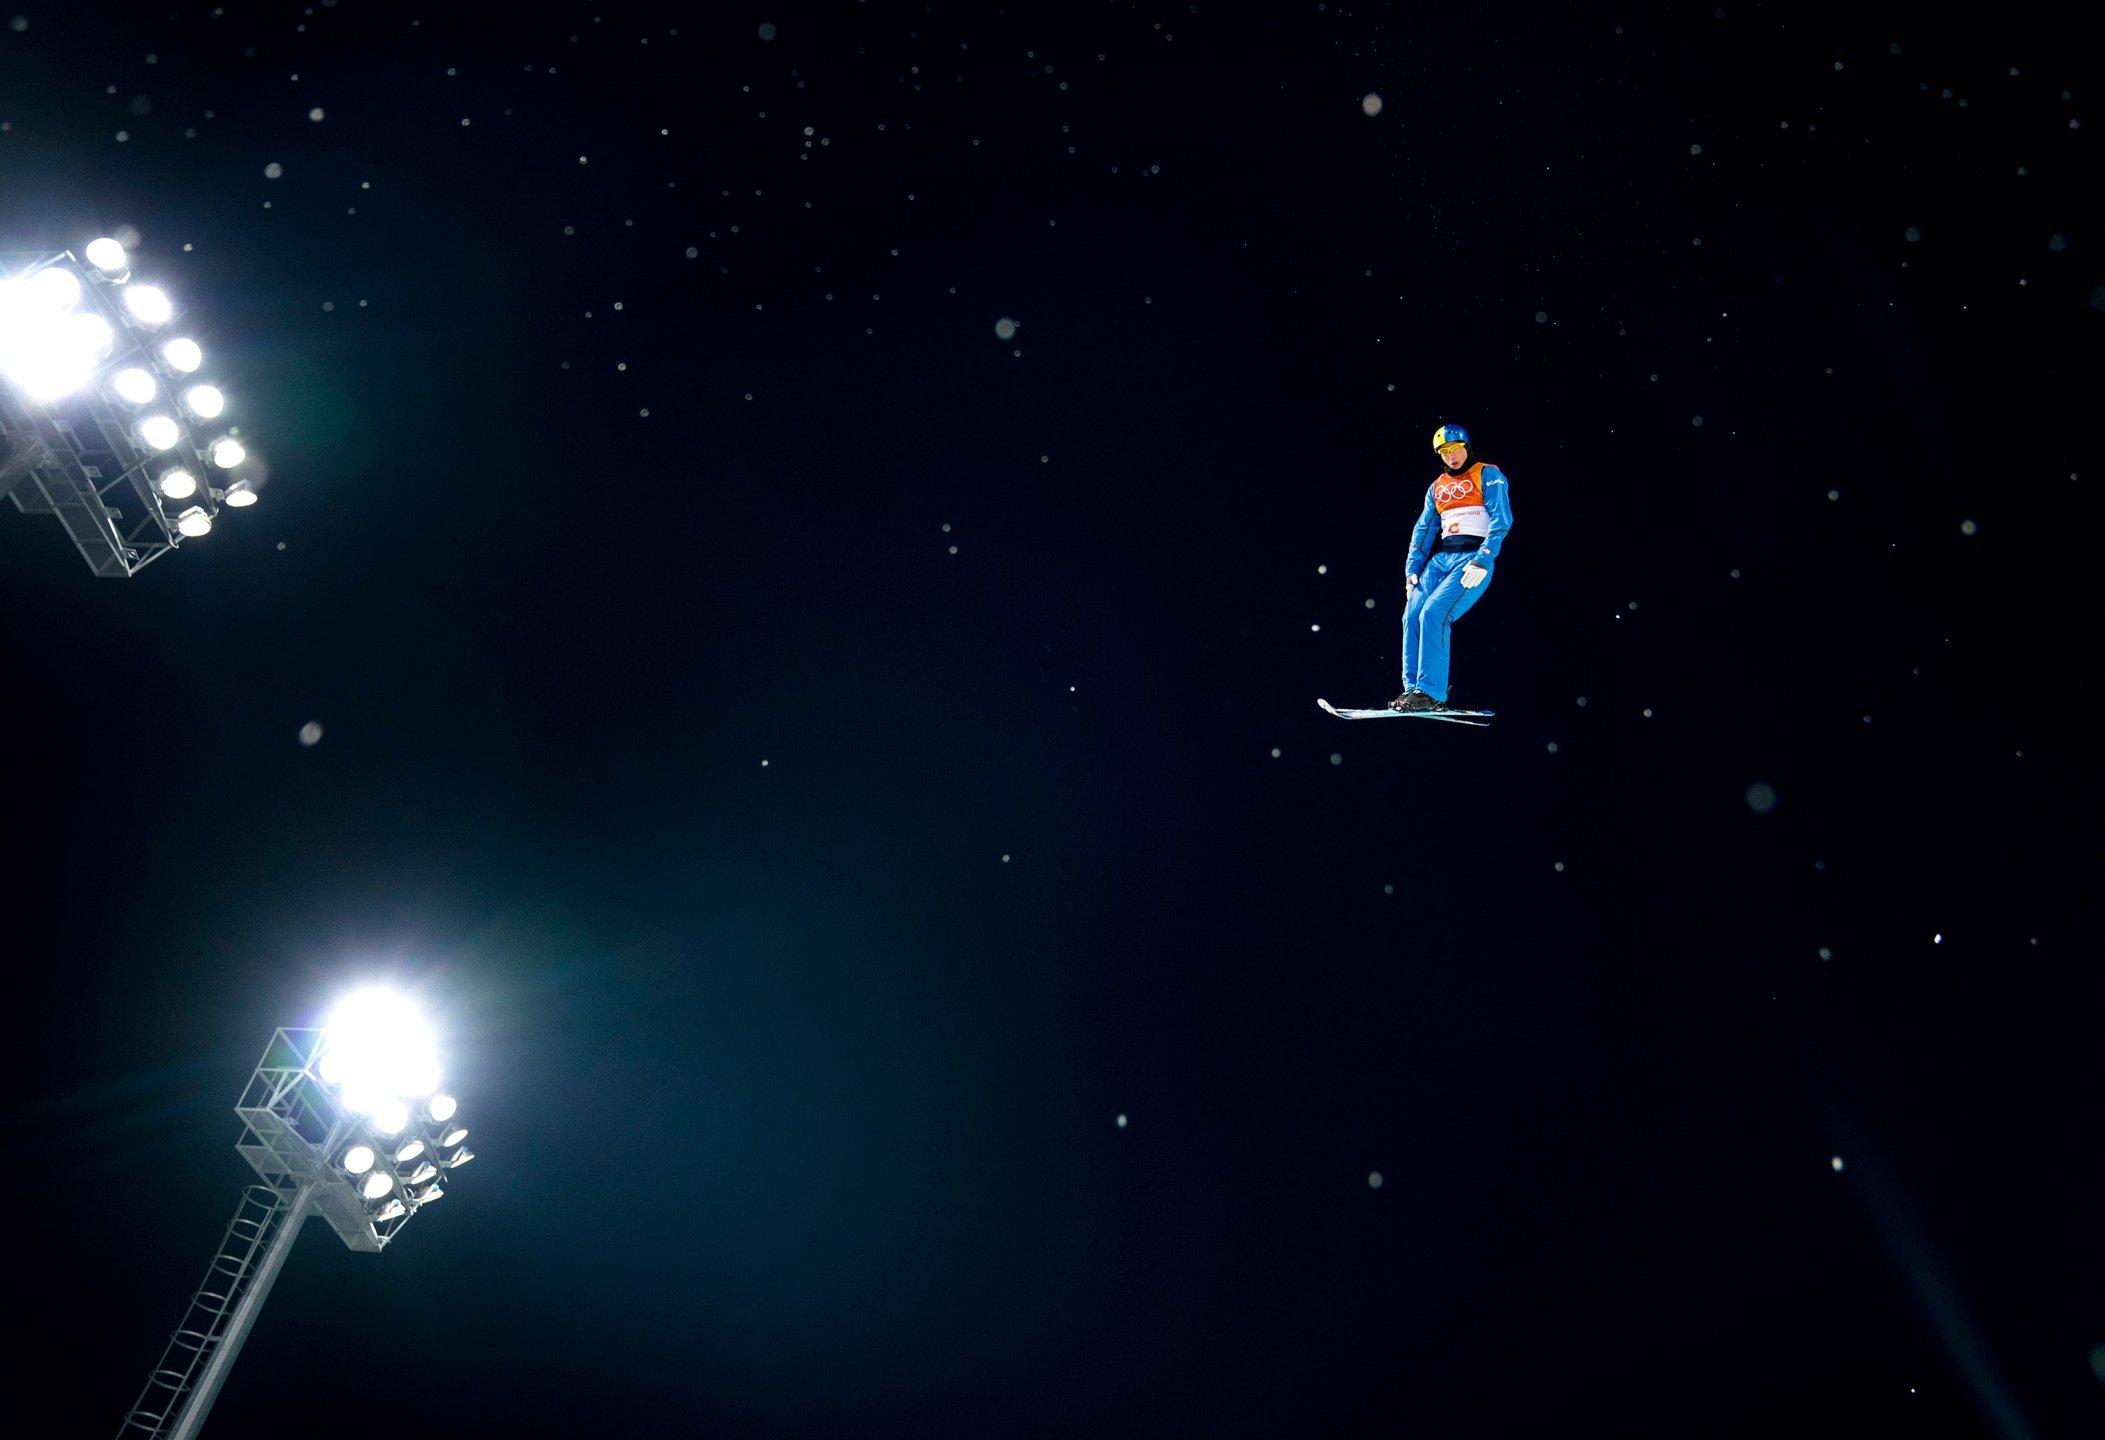 Победный прыжок Абраменко на Играх – в топ-100 лучших фото 2018 года